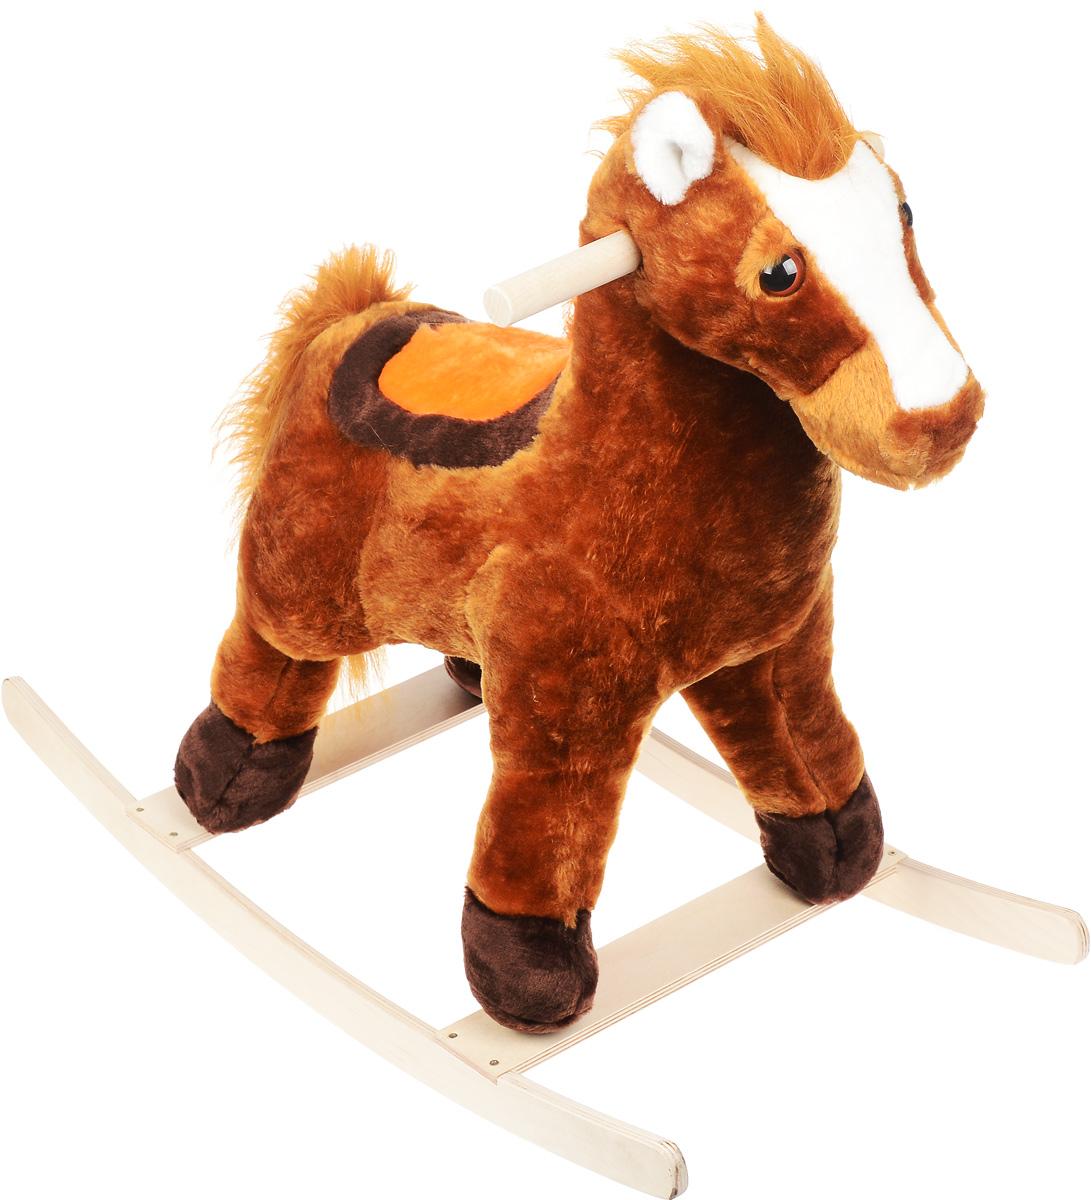 СмолТойс Игрушка-качалка Лошадь цвет коричневый 1570/ШК